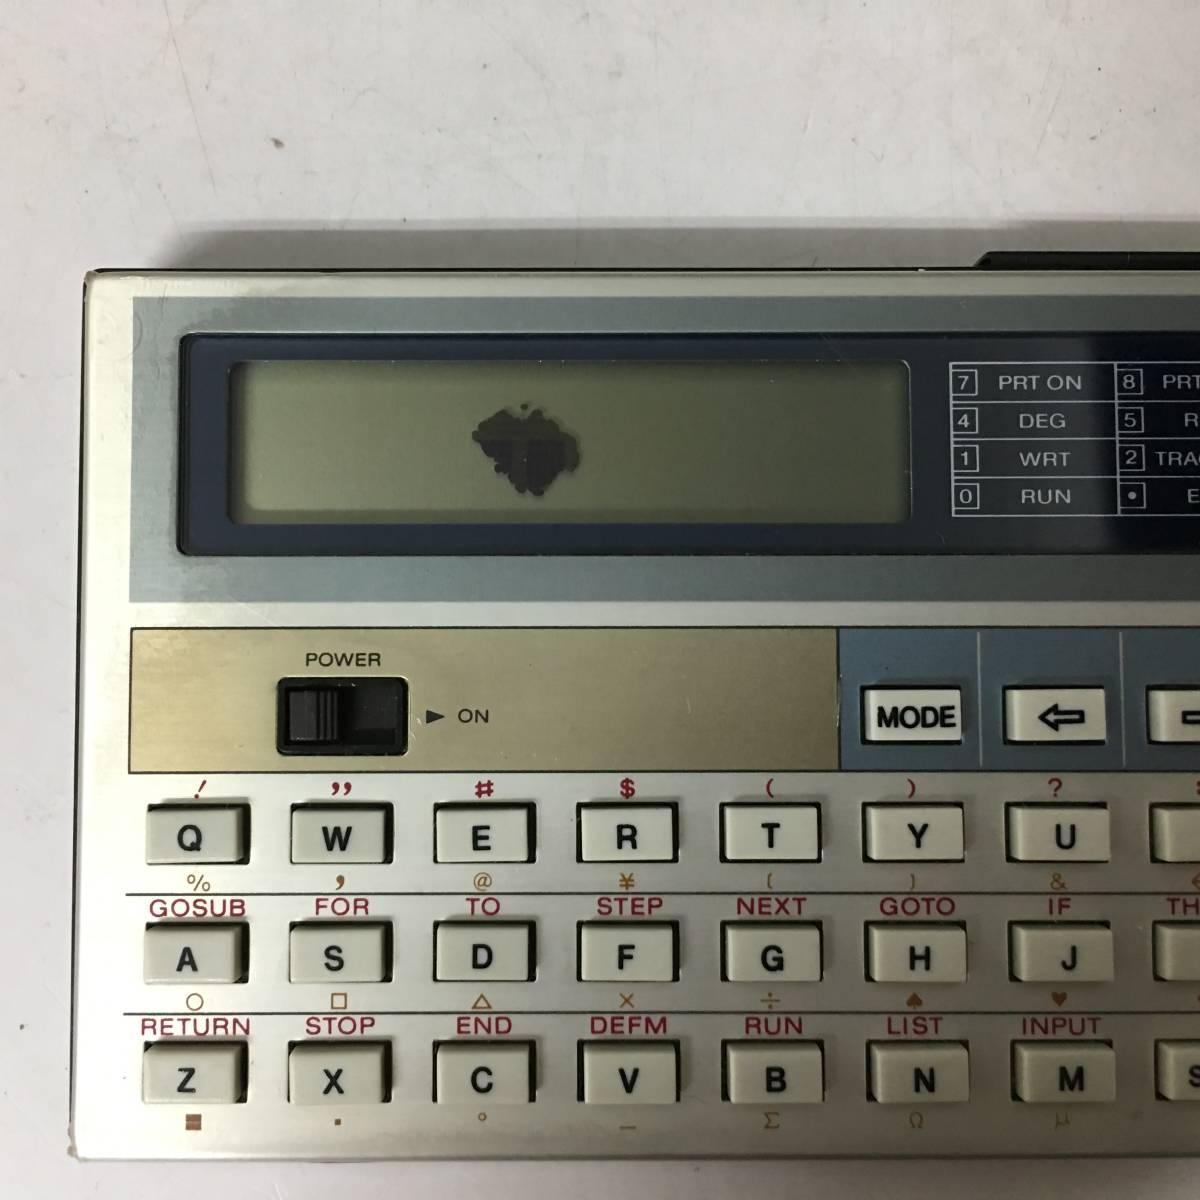 KG1/16 CASIO カシオ ポケットコンピューター PB 100 ポケコン 本体のみ 日本製 動作品 _画像5